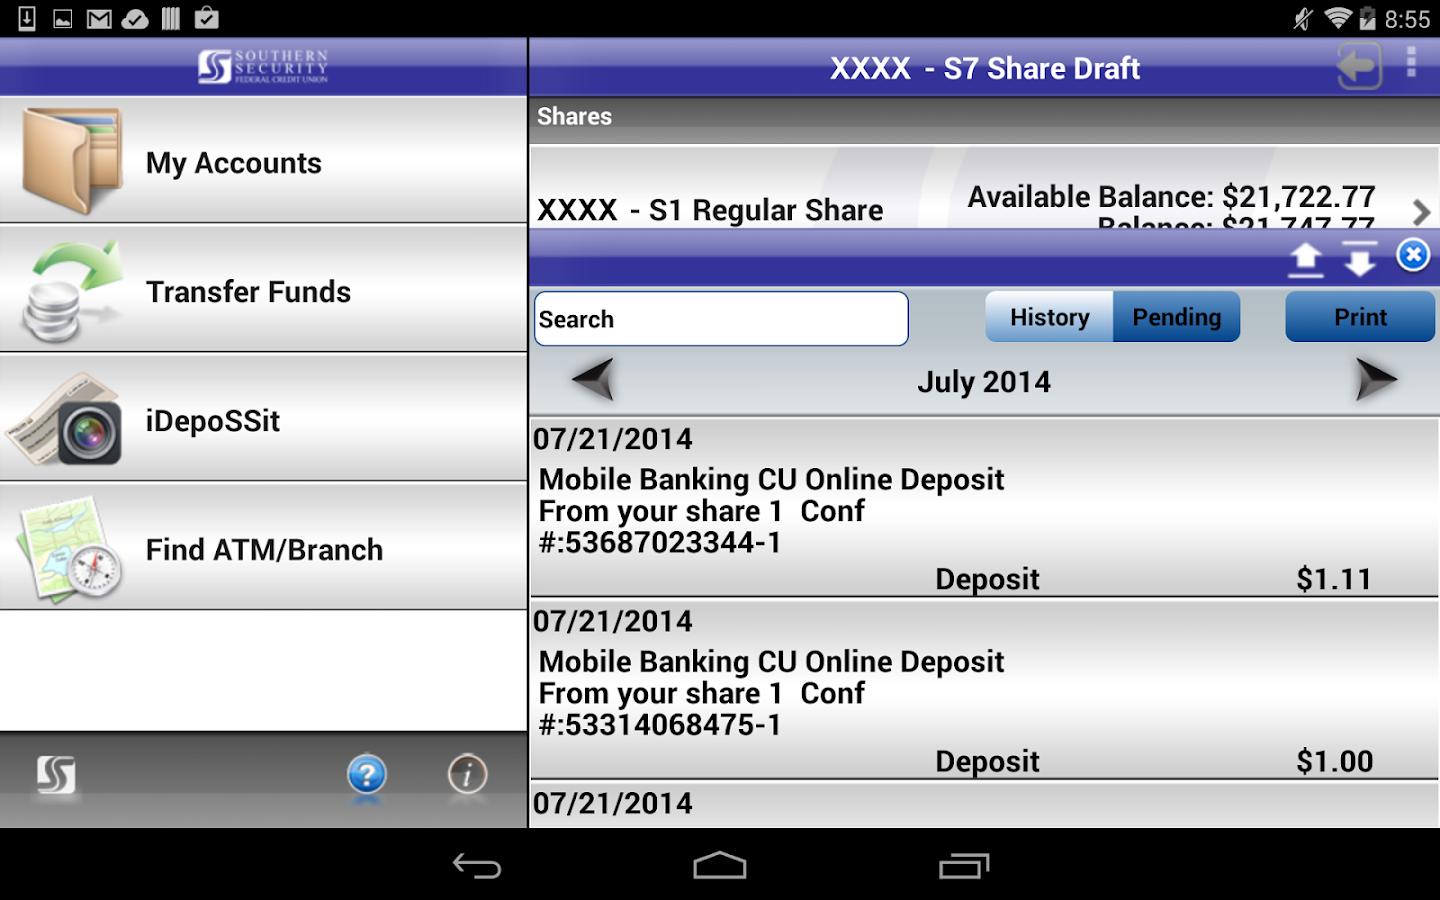 SSFCU Tablet Mobile Banking - screenshot